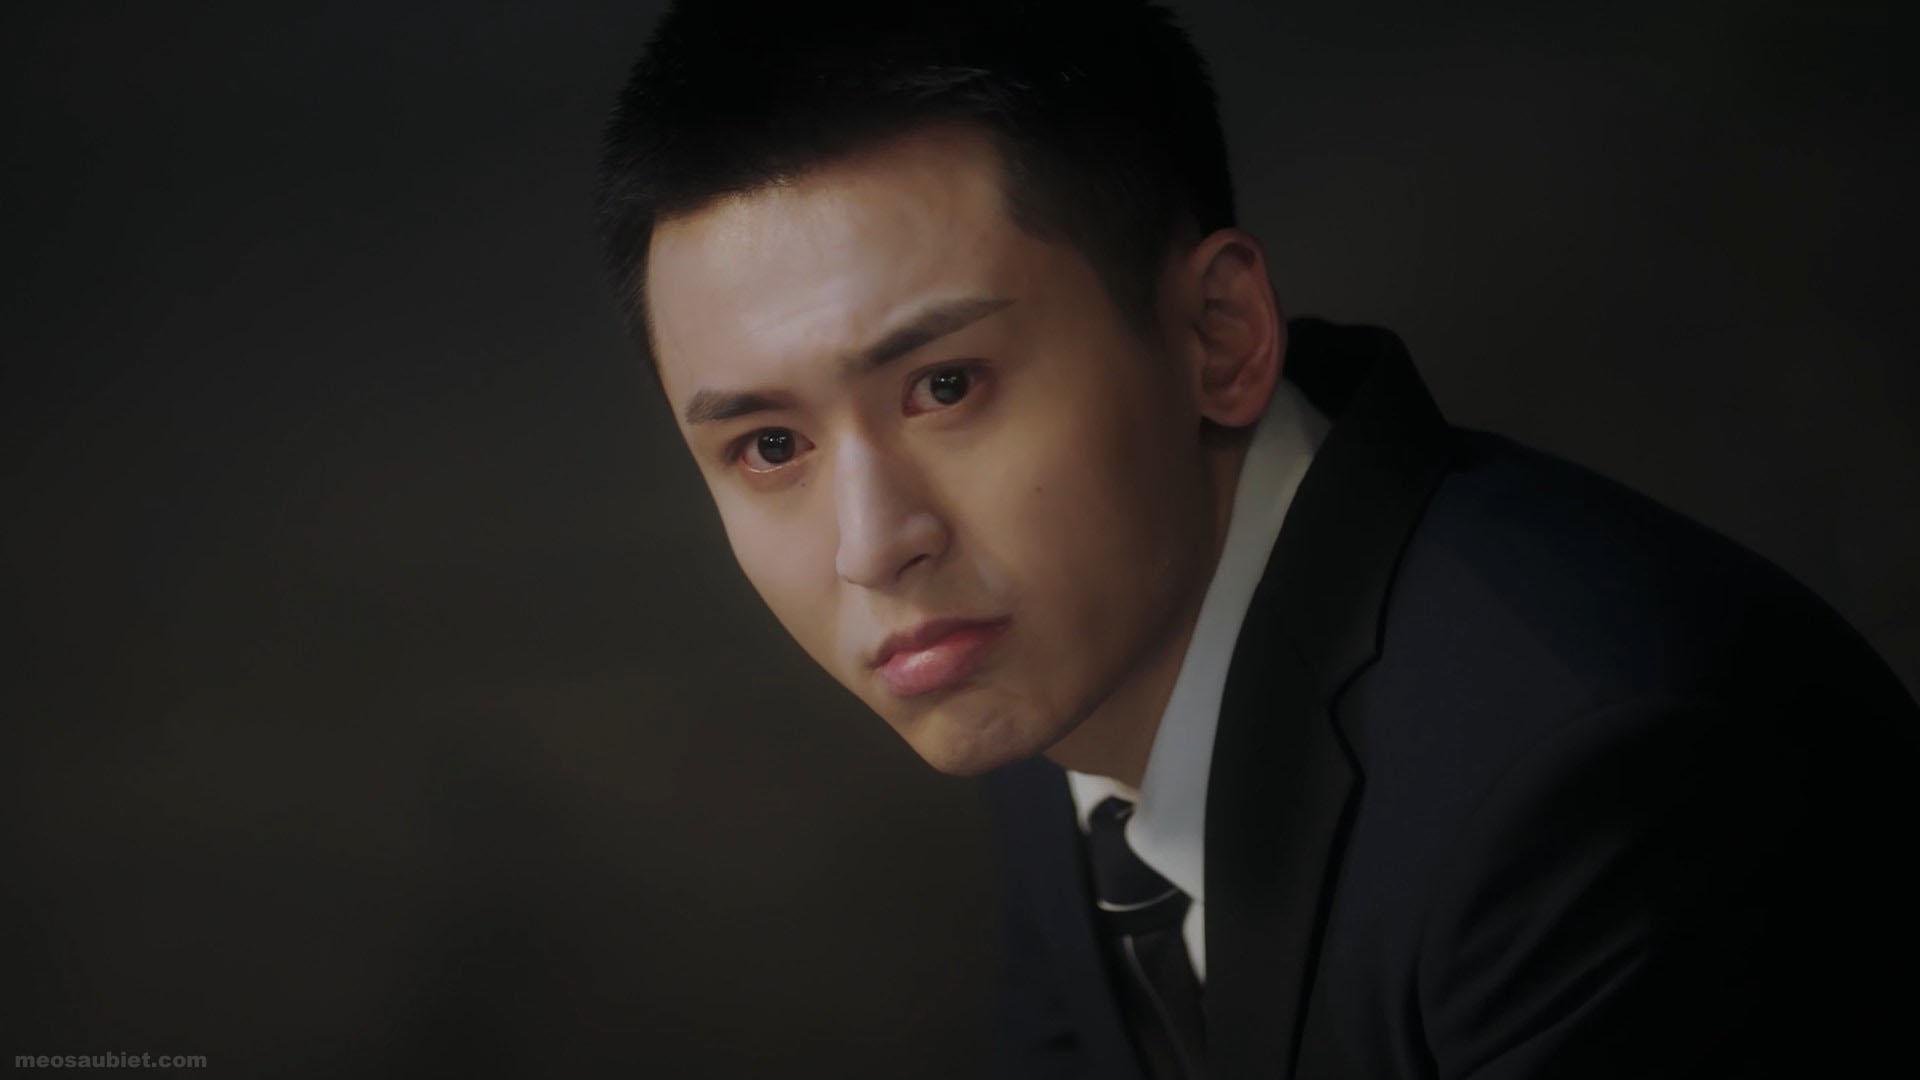 Ai cũng khao khát gặp được em 2020 Trương Triết Hãn trong vai Trương Mẫn